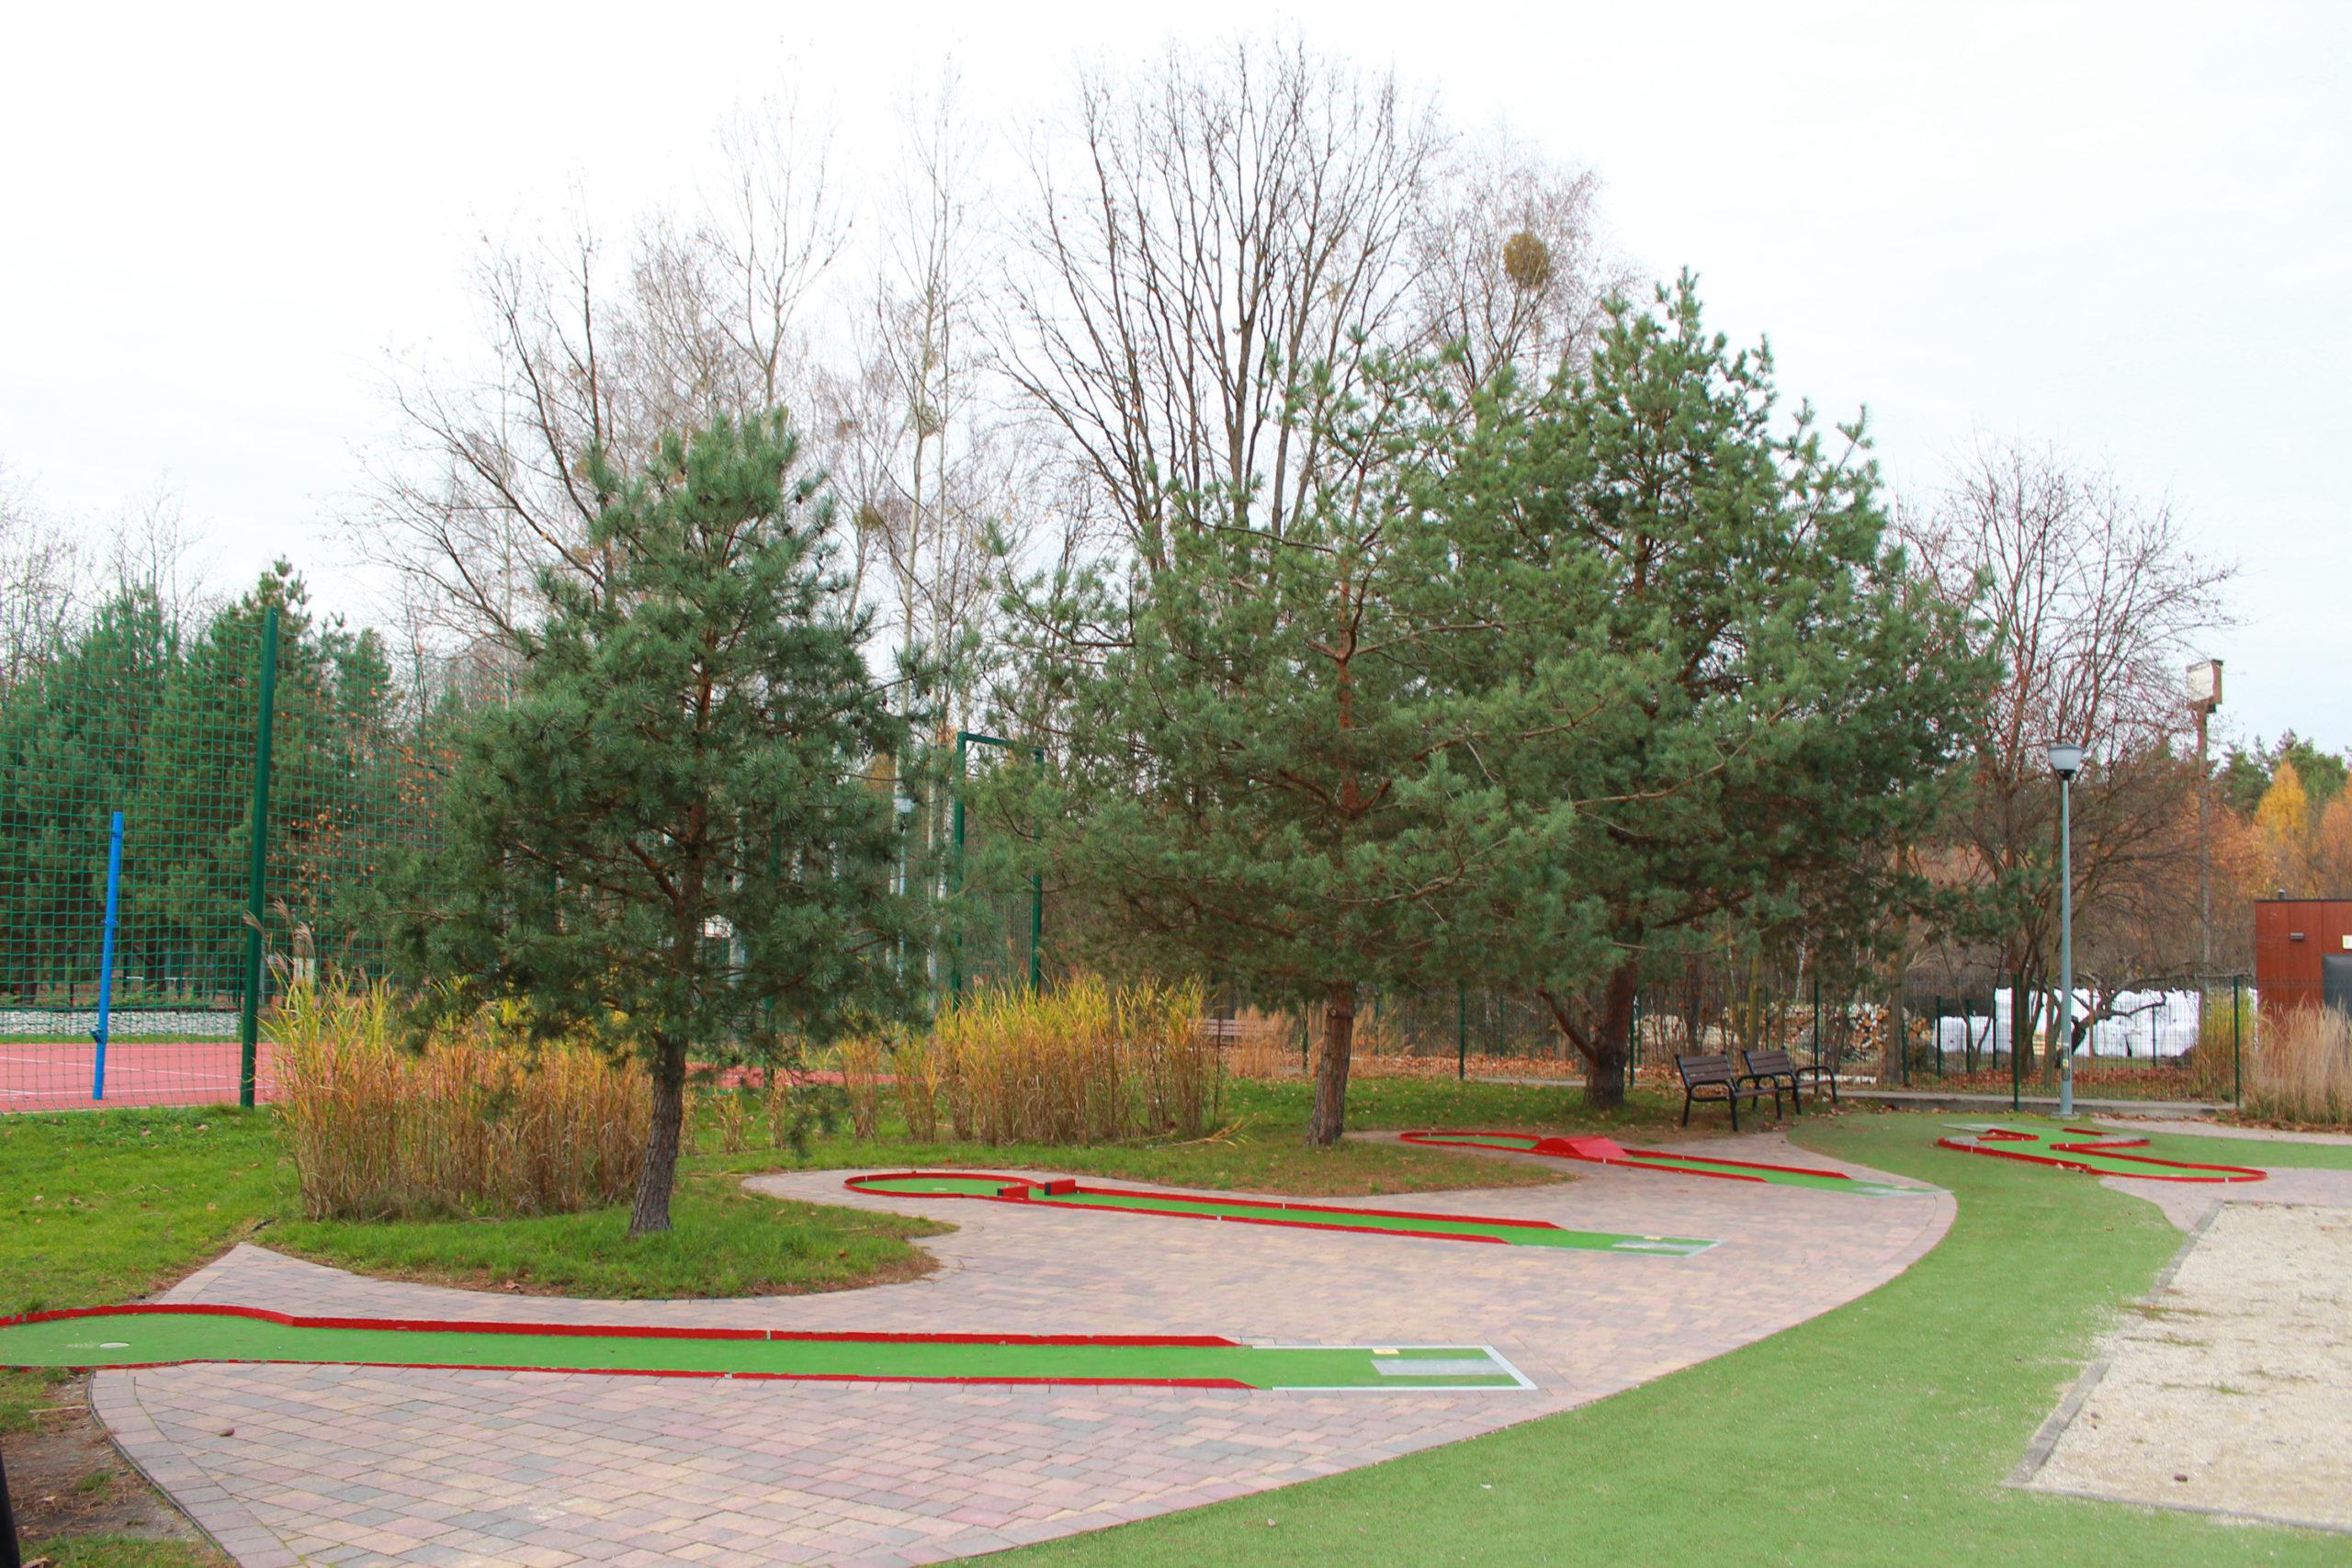 siłownia plenerowa w parku